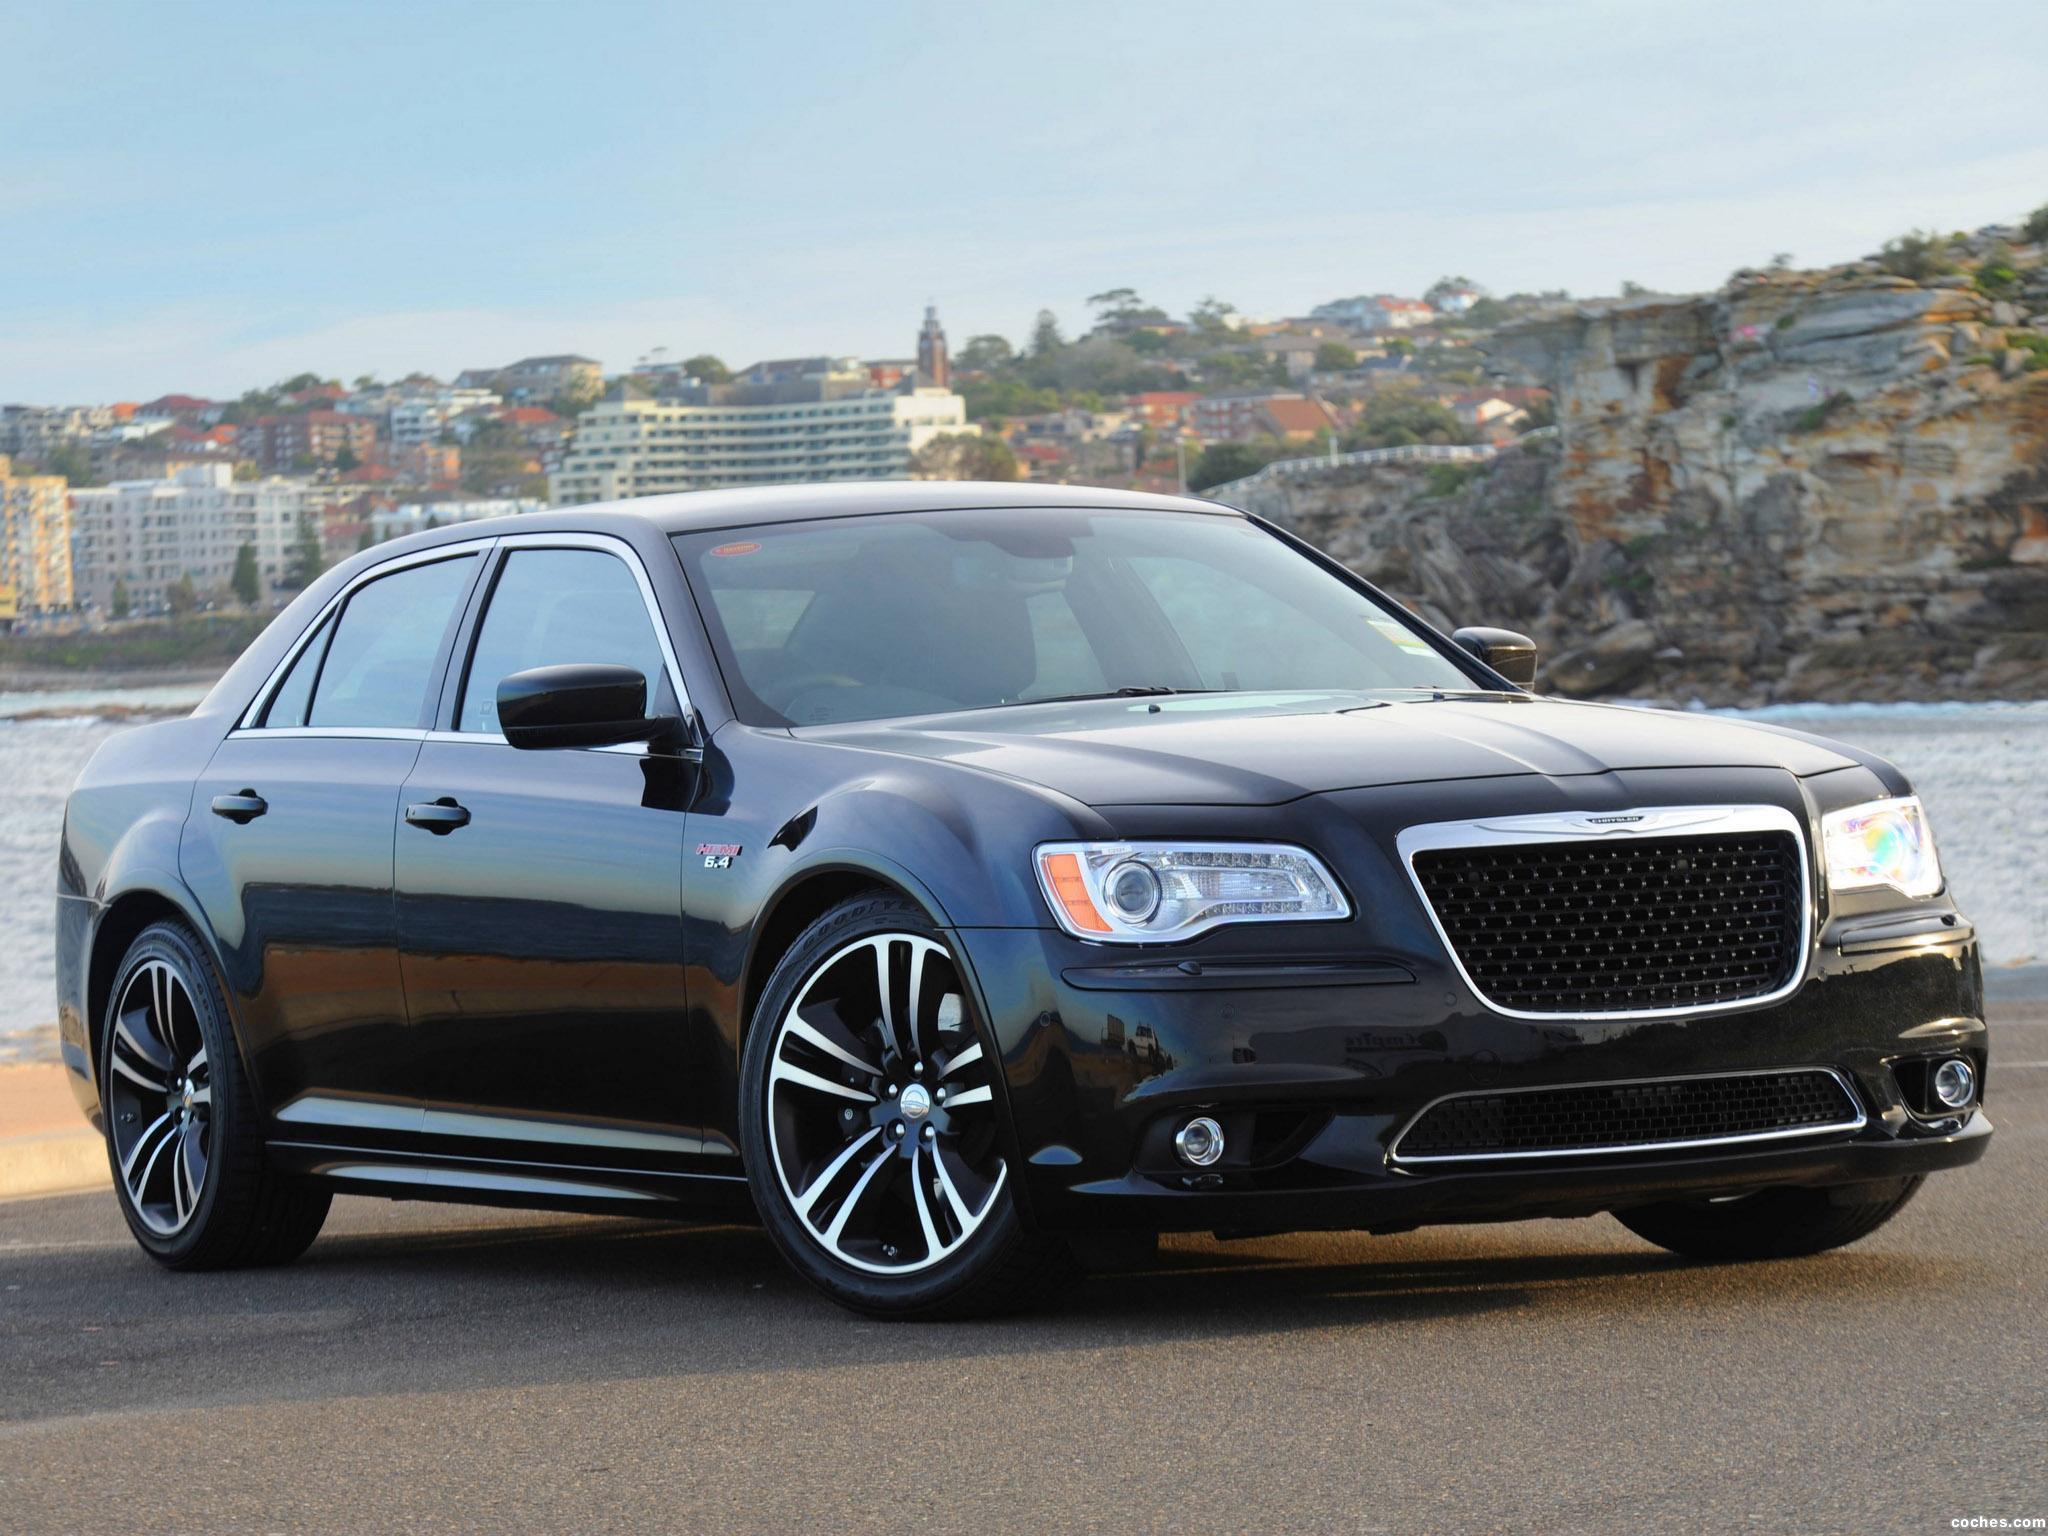 2013 Chrysler 300 300 C Luxury S Srt8 Sedan Hemi Chrysler